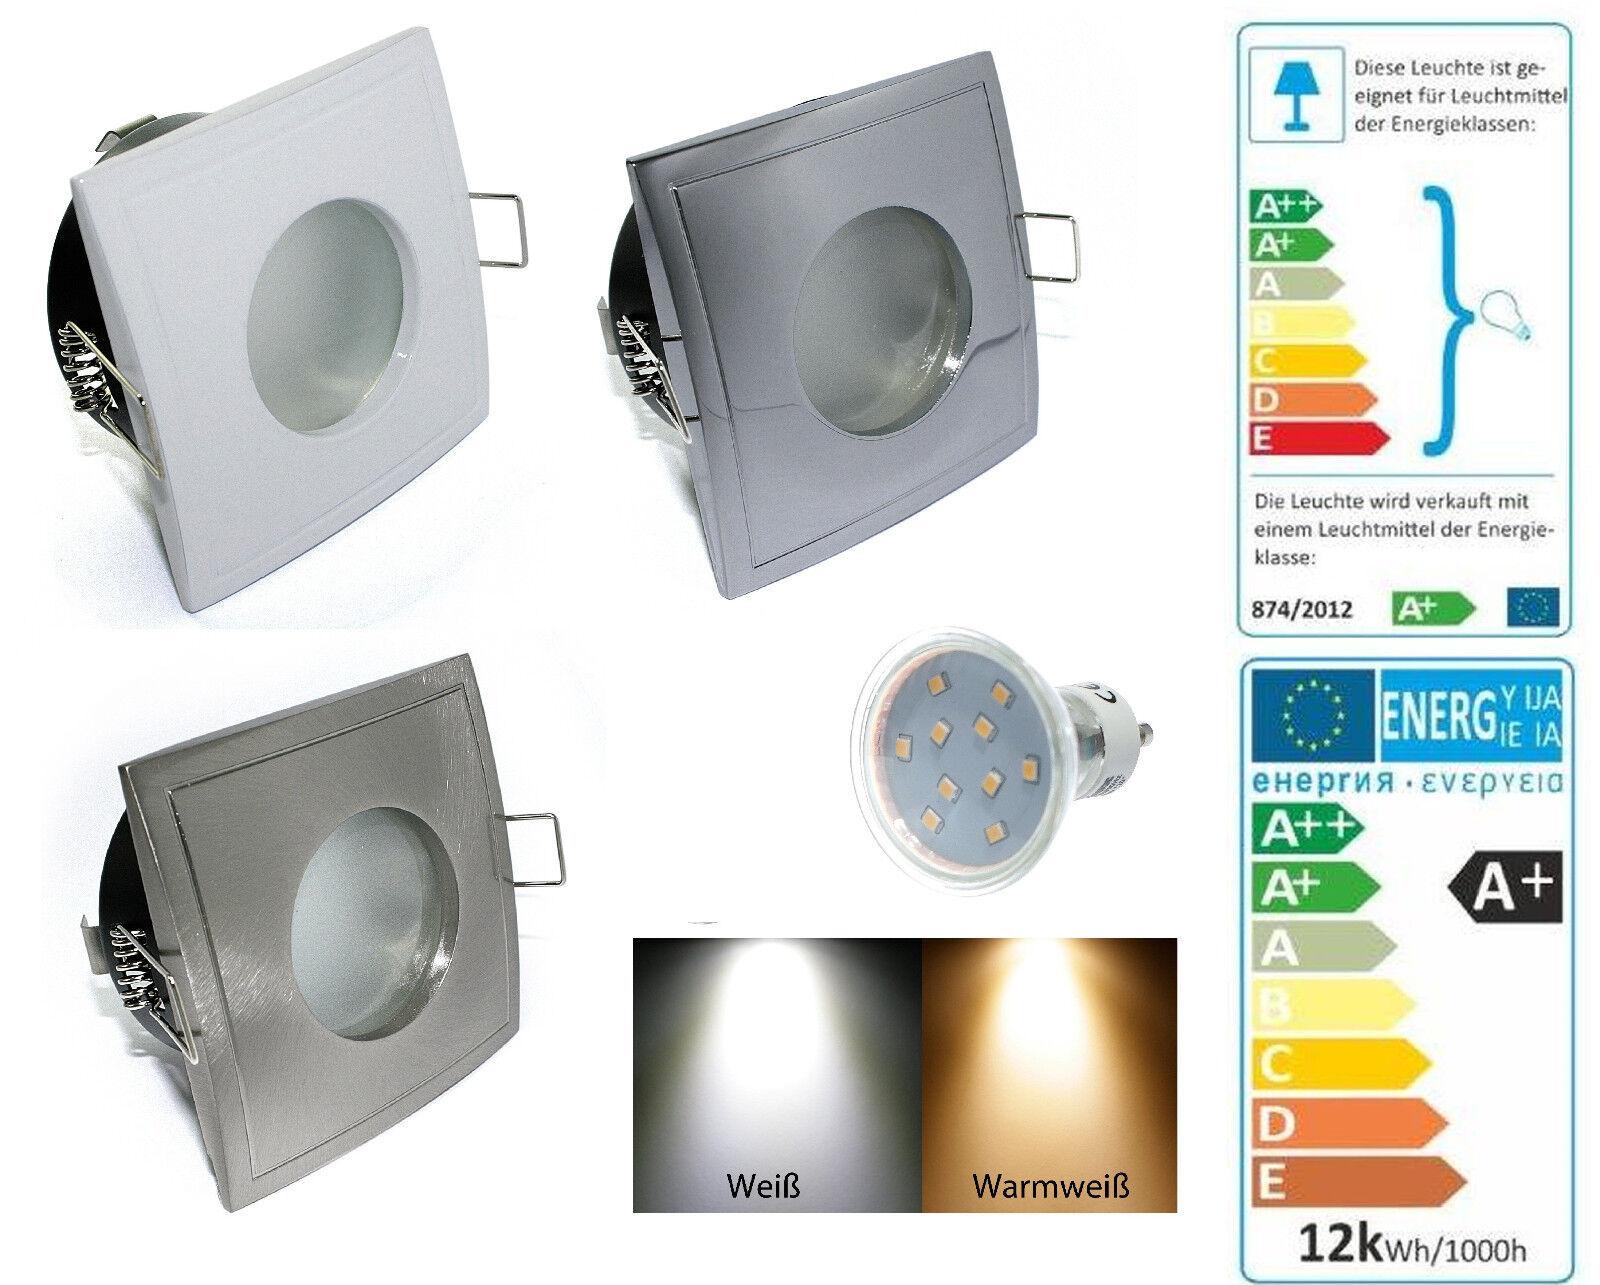 InsDimensionezione a soffitto Lampada Aquarius-S rettangolare gu10 230v 10er SMD LED 3w = 25w ip65